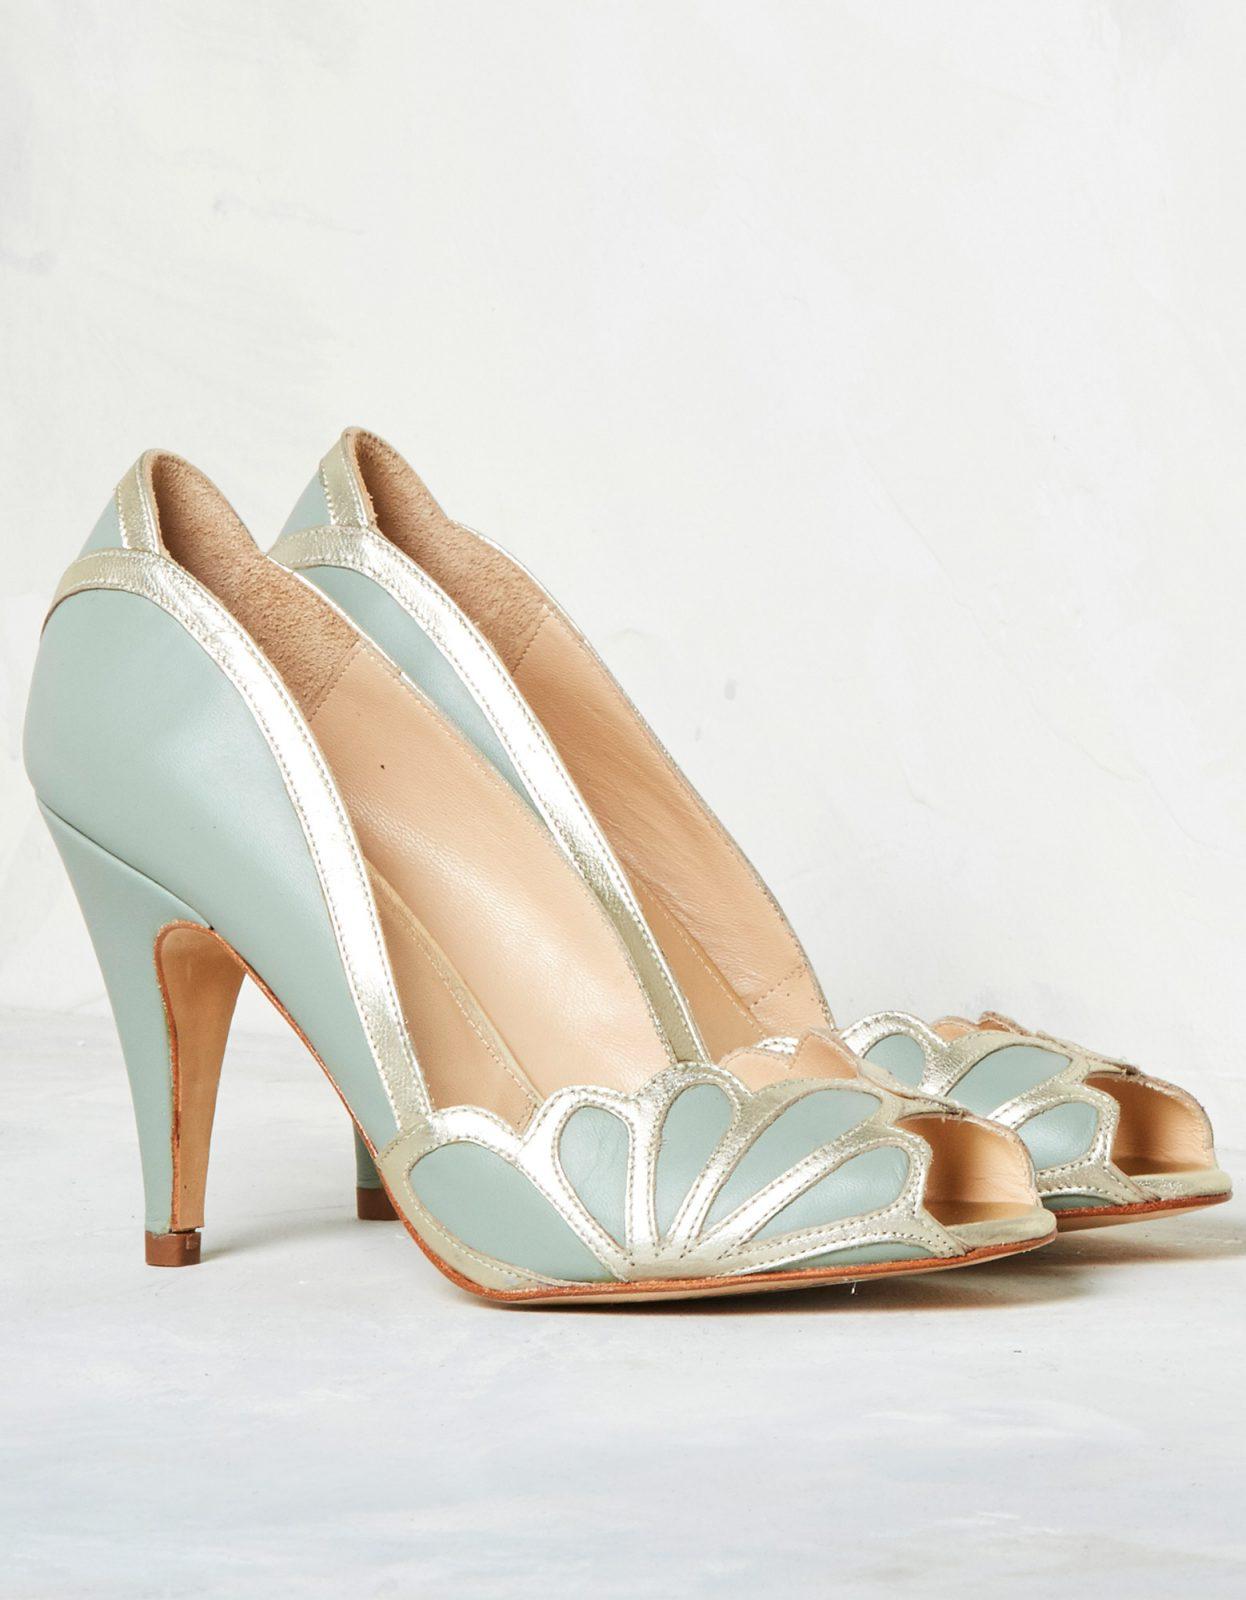 Rachel Simpson France chaussures de mariée chaussures mariage chaussures vintage